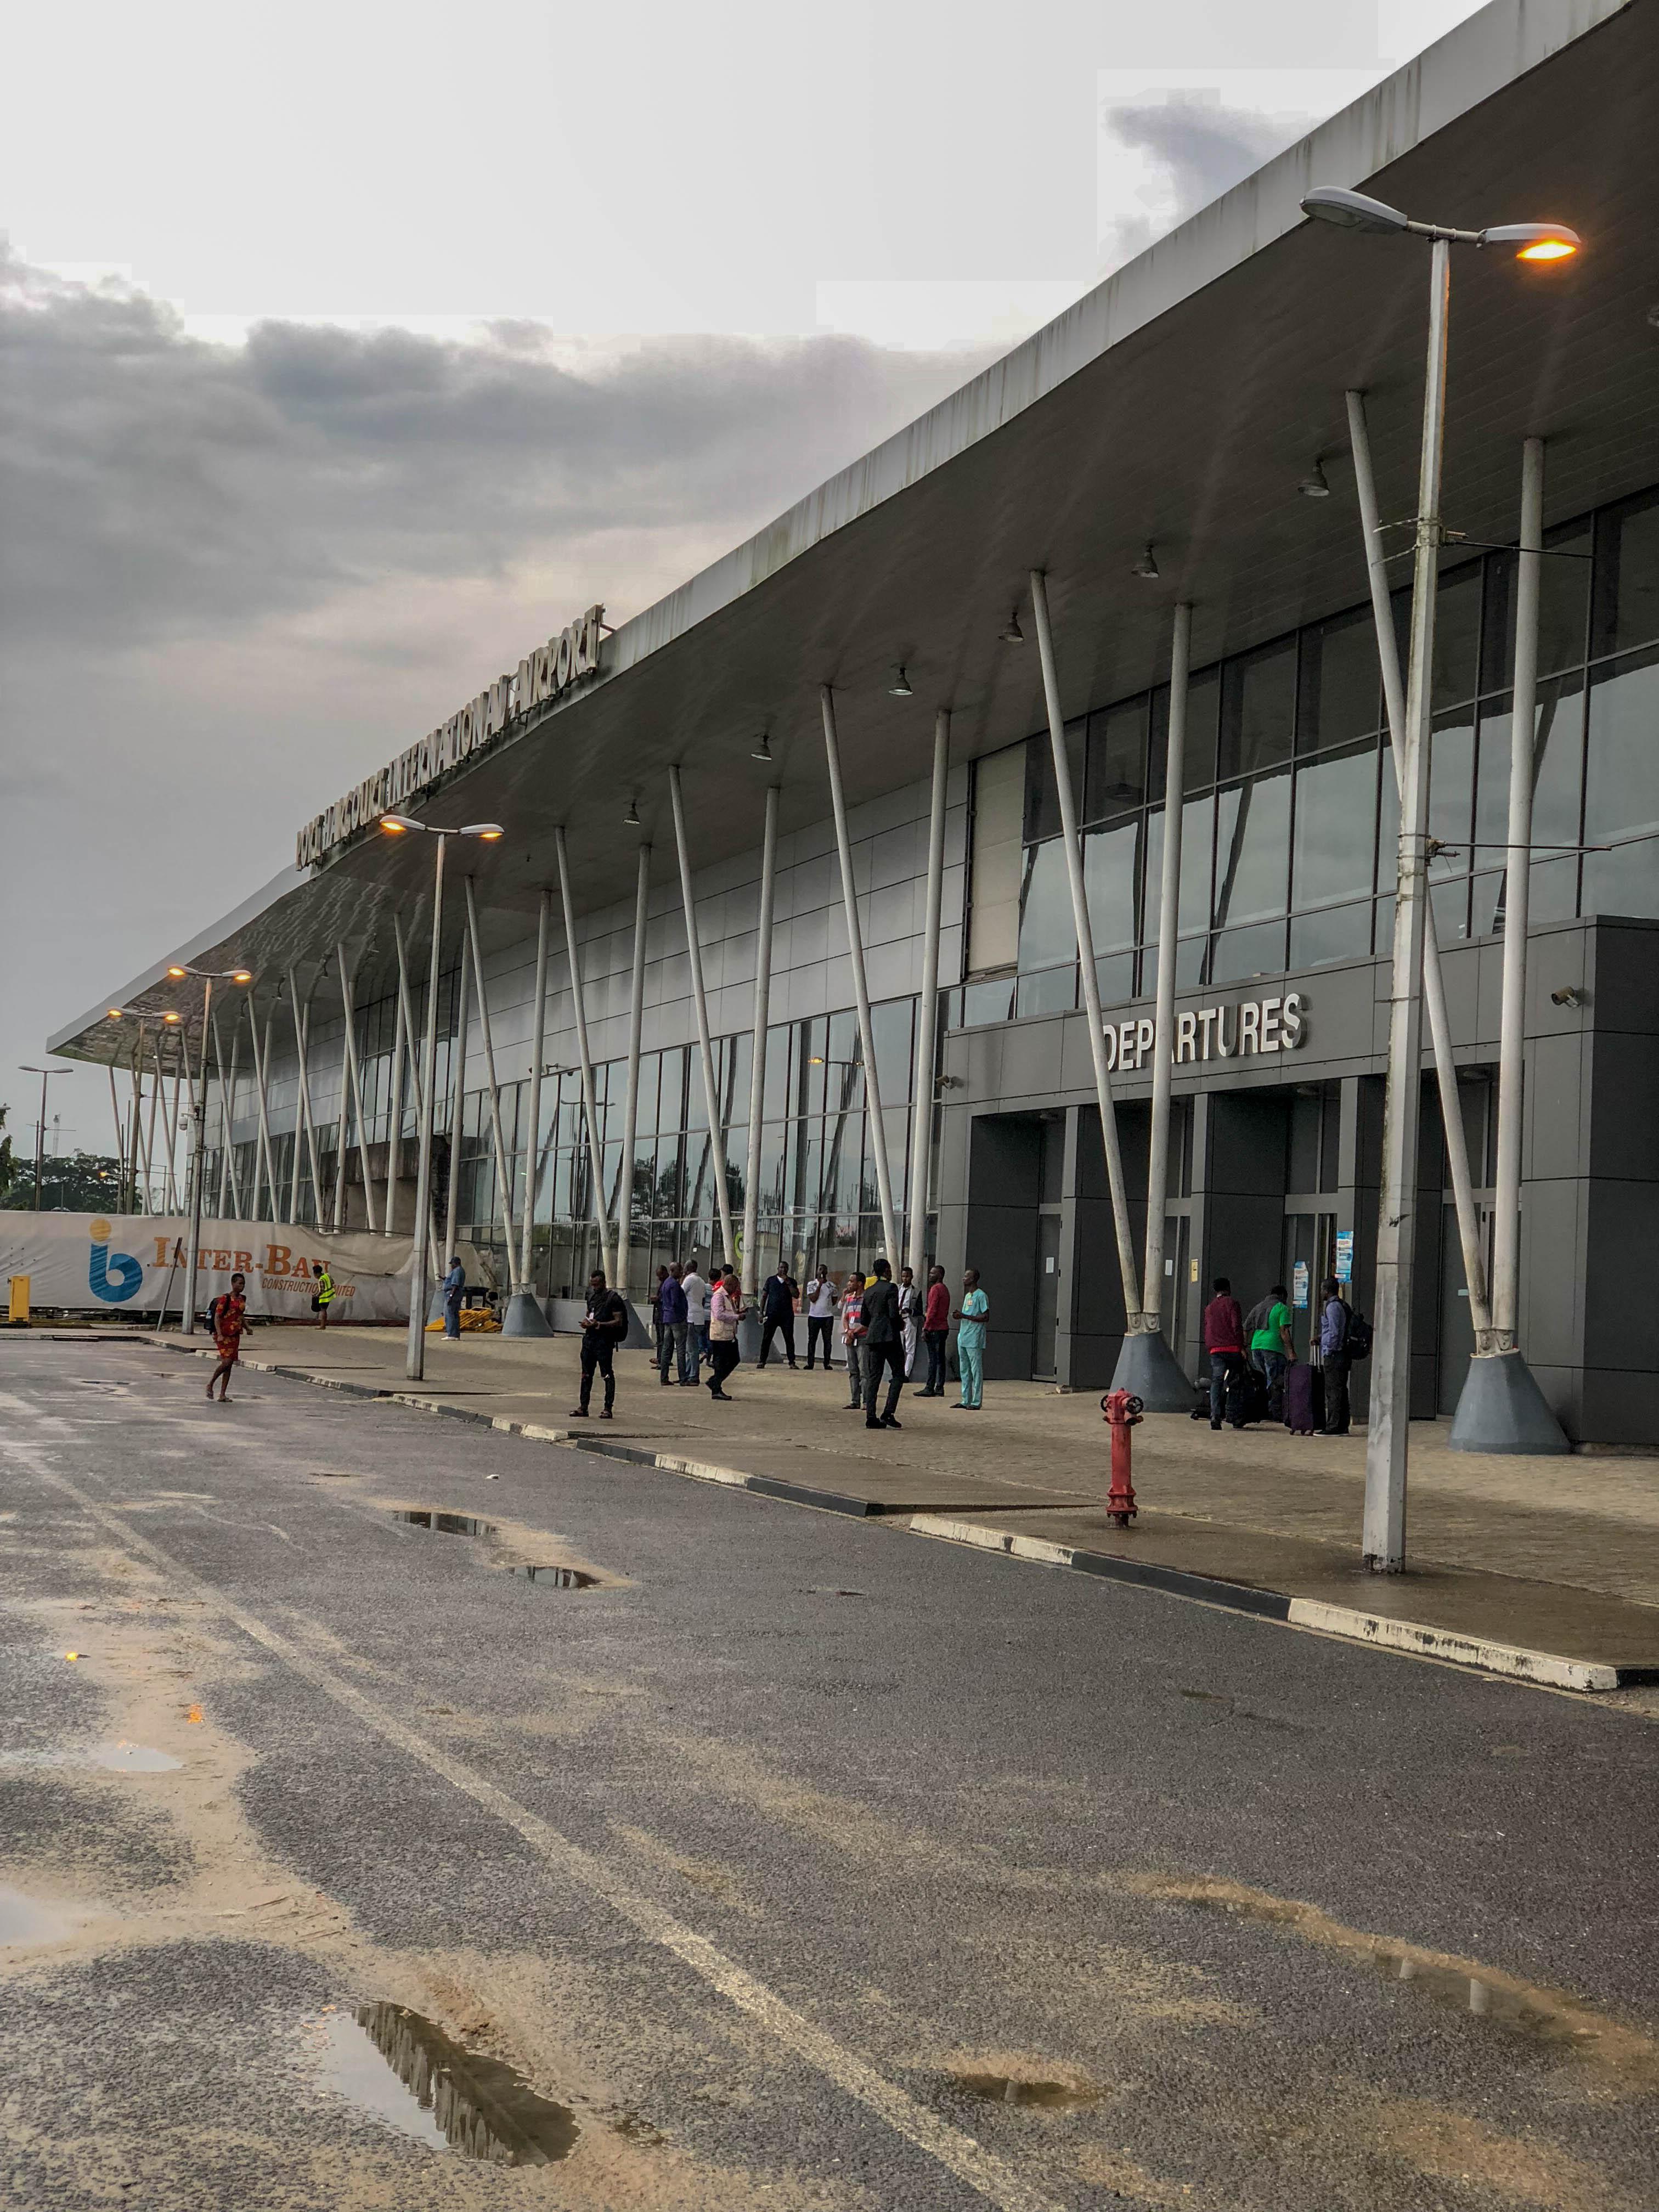 ナイジェリアポート・ハーコート国際空港日の出日の入り時間